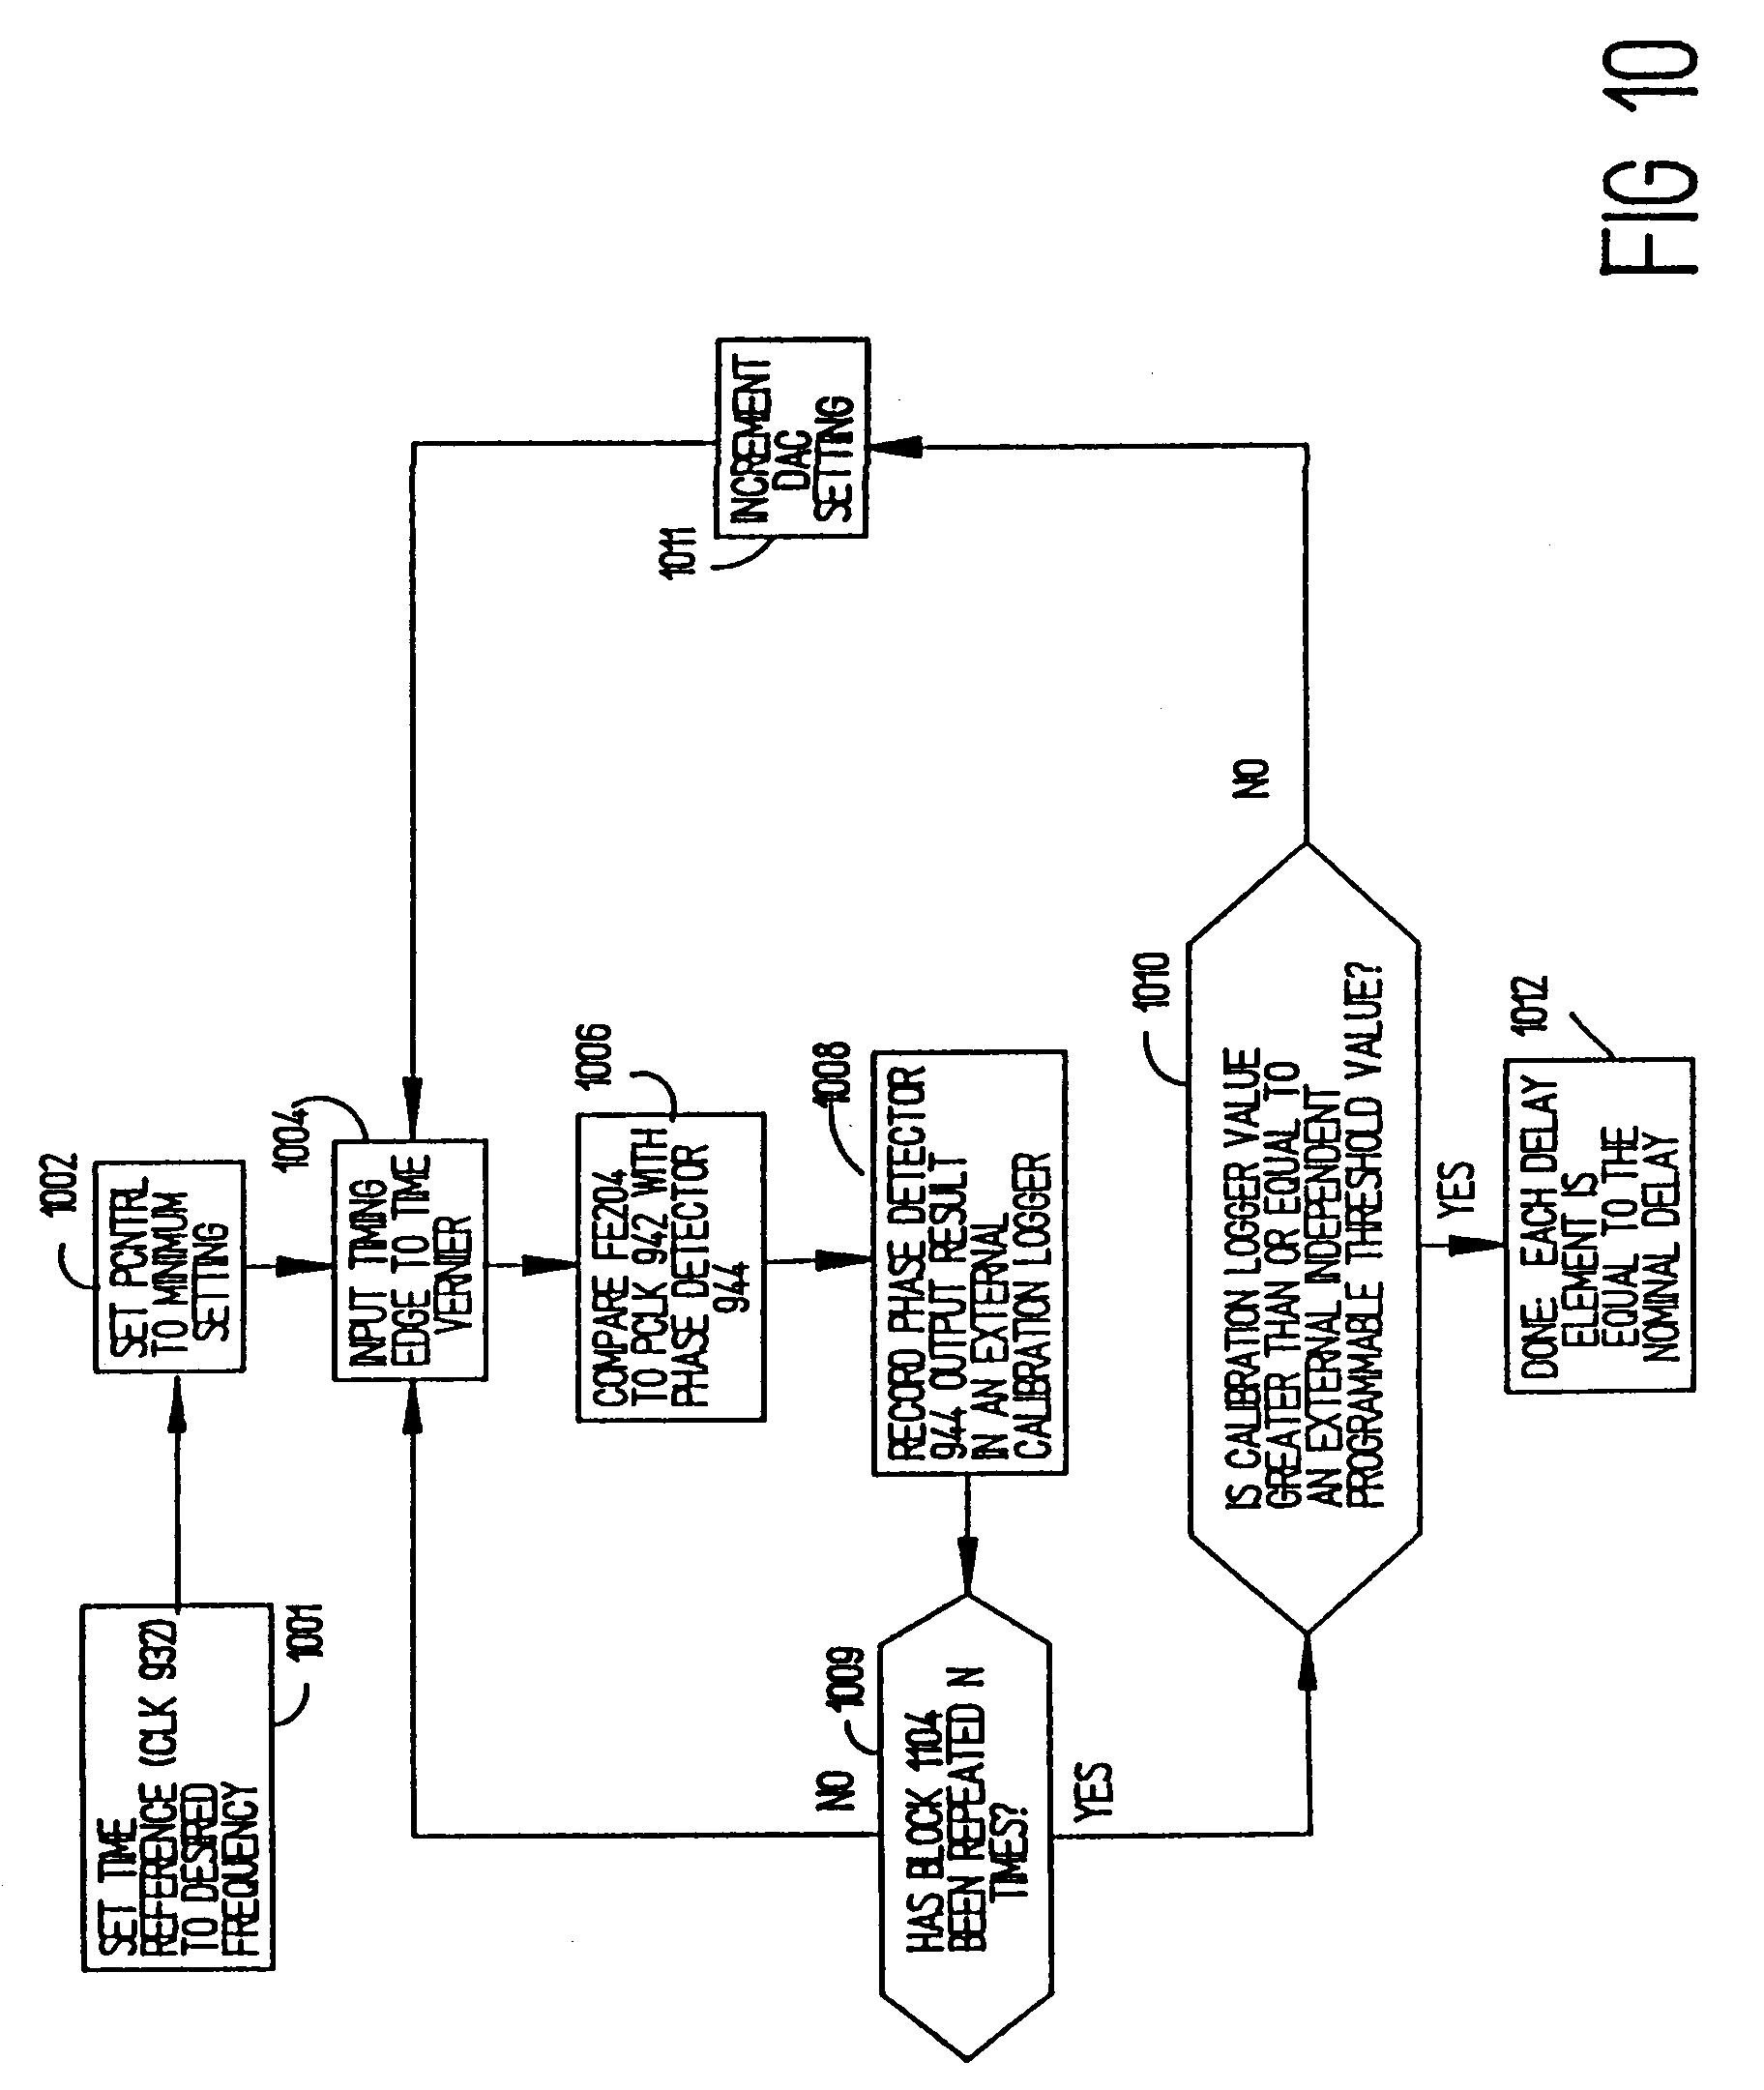 pseudo-nmos or pmos inverter